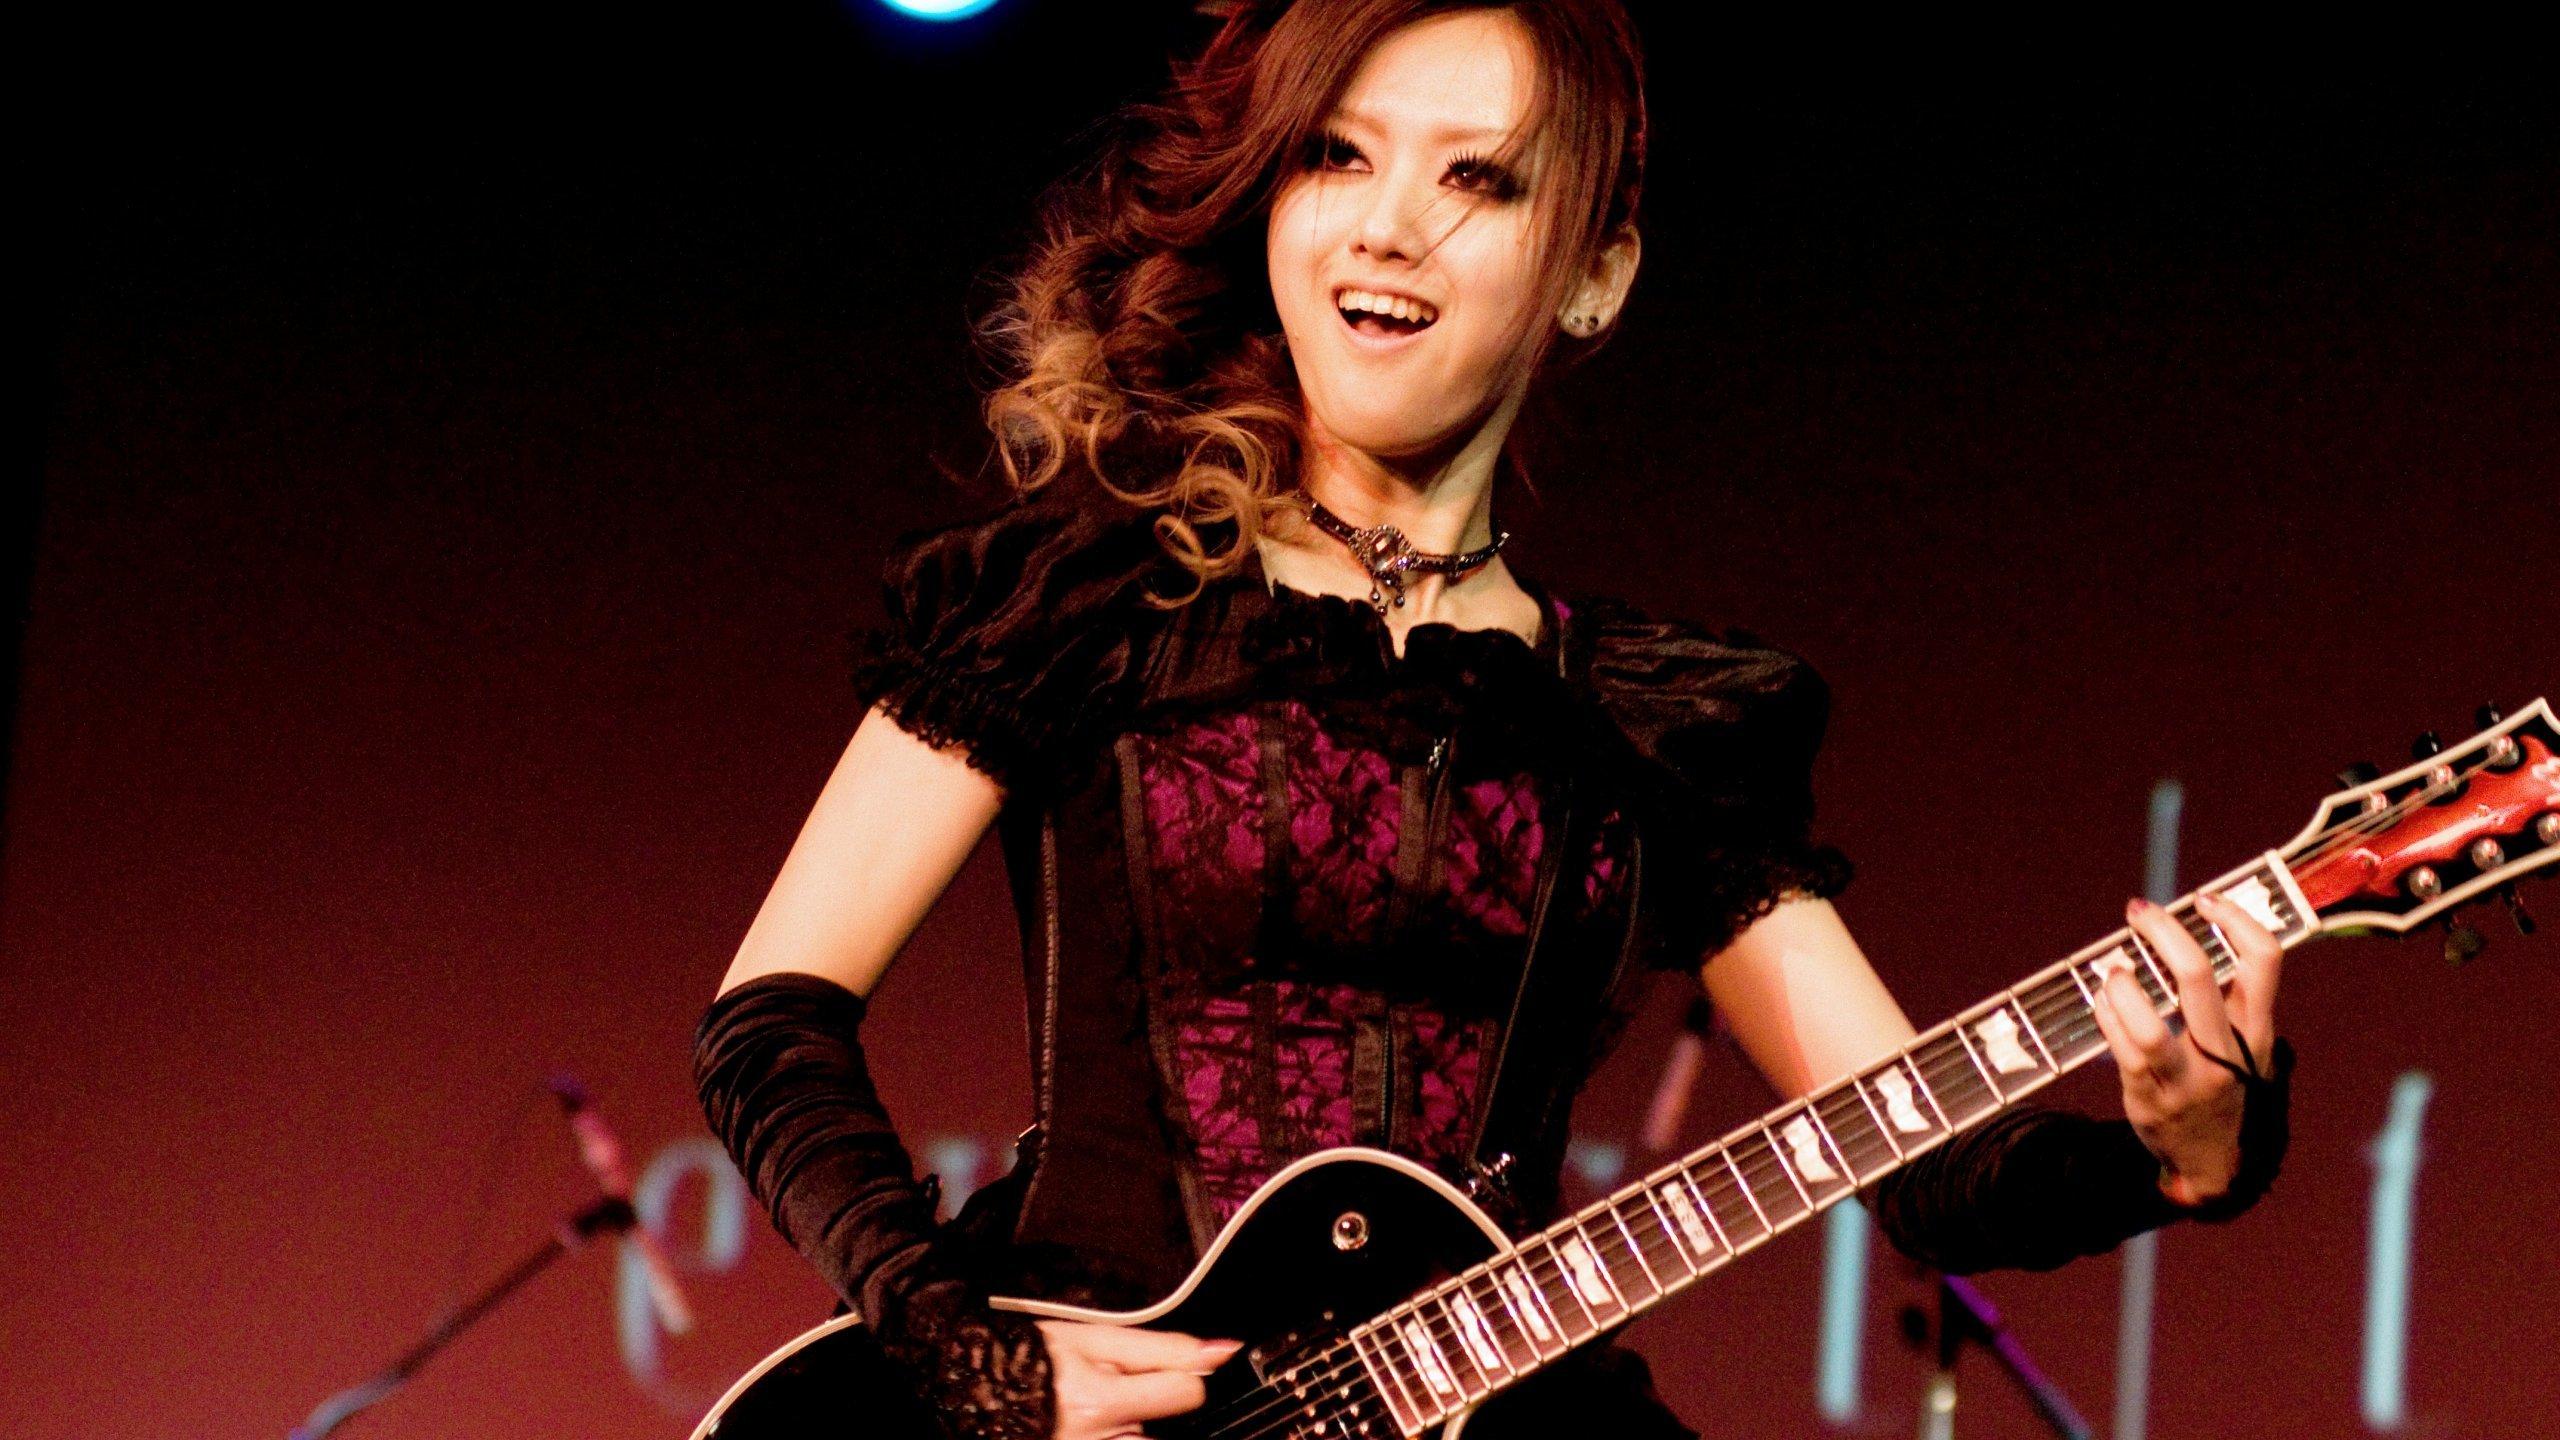 Азиатка с гитарой  № 466036 без смс